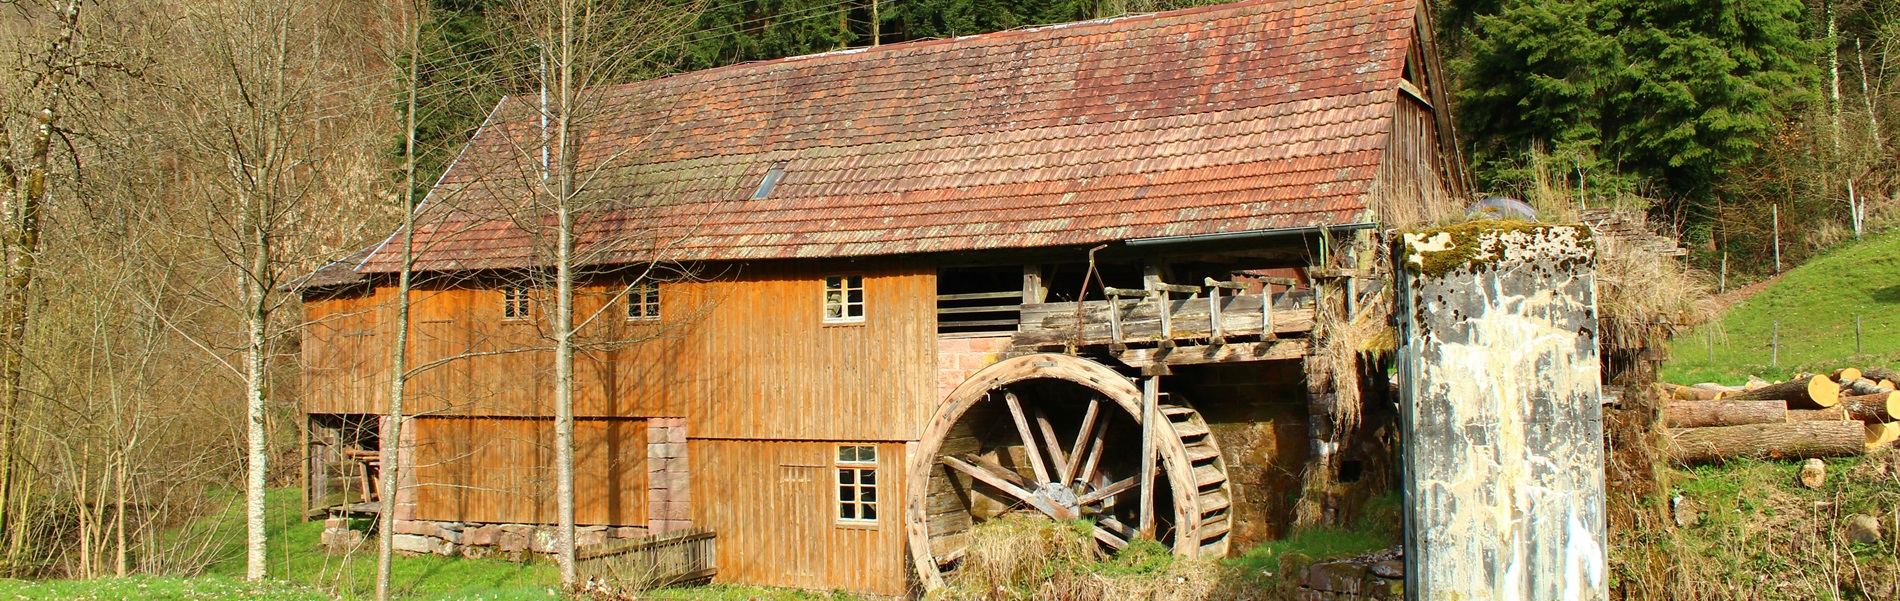 Gallussäge Zuwald Oberharmersbach